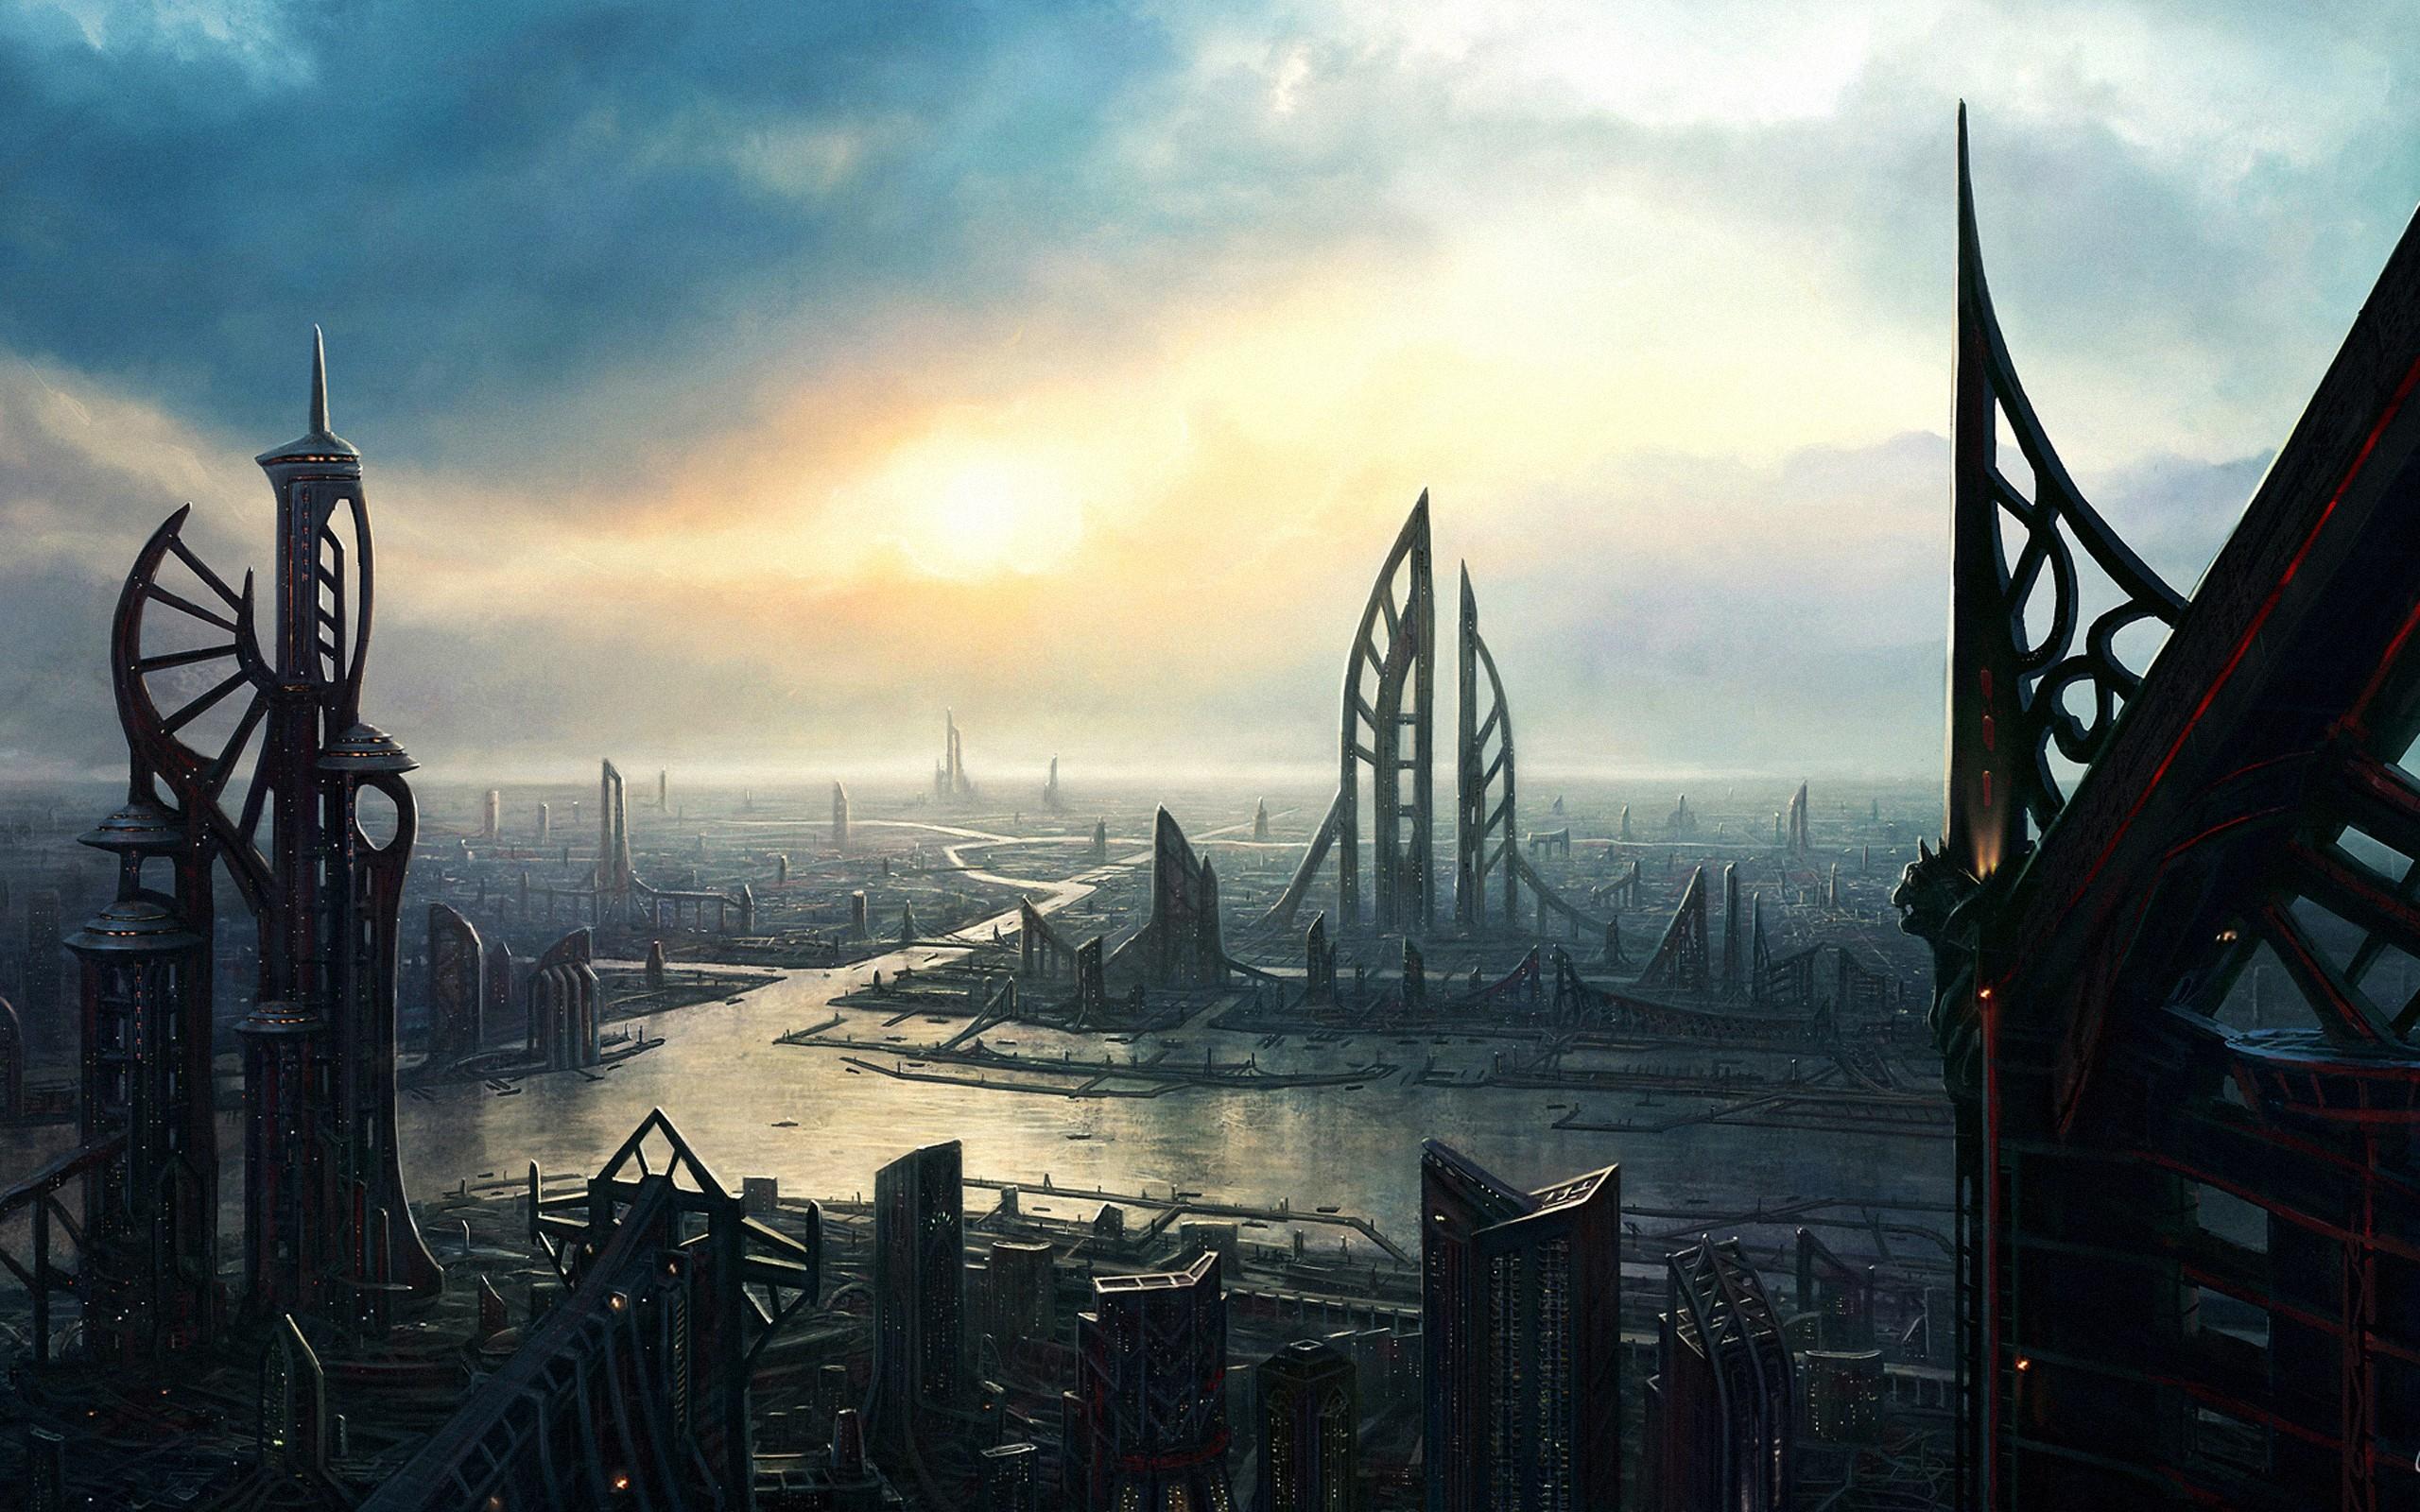 future architecture cities - HD1920×1200